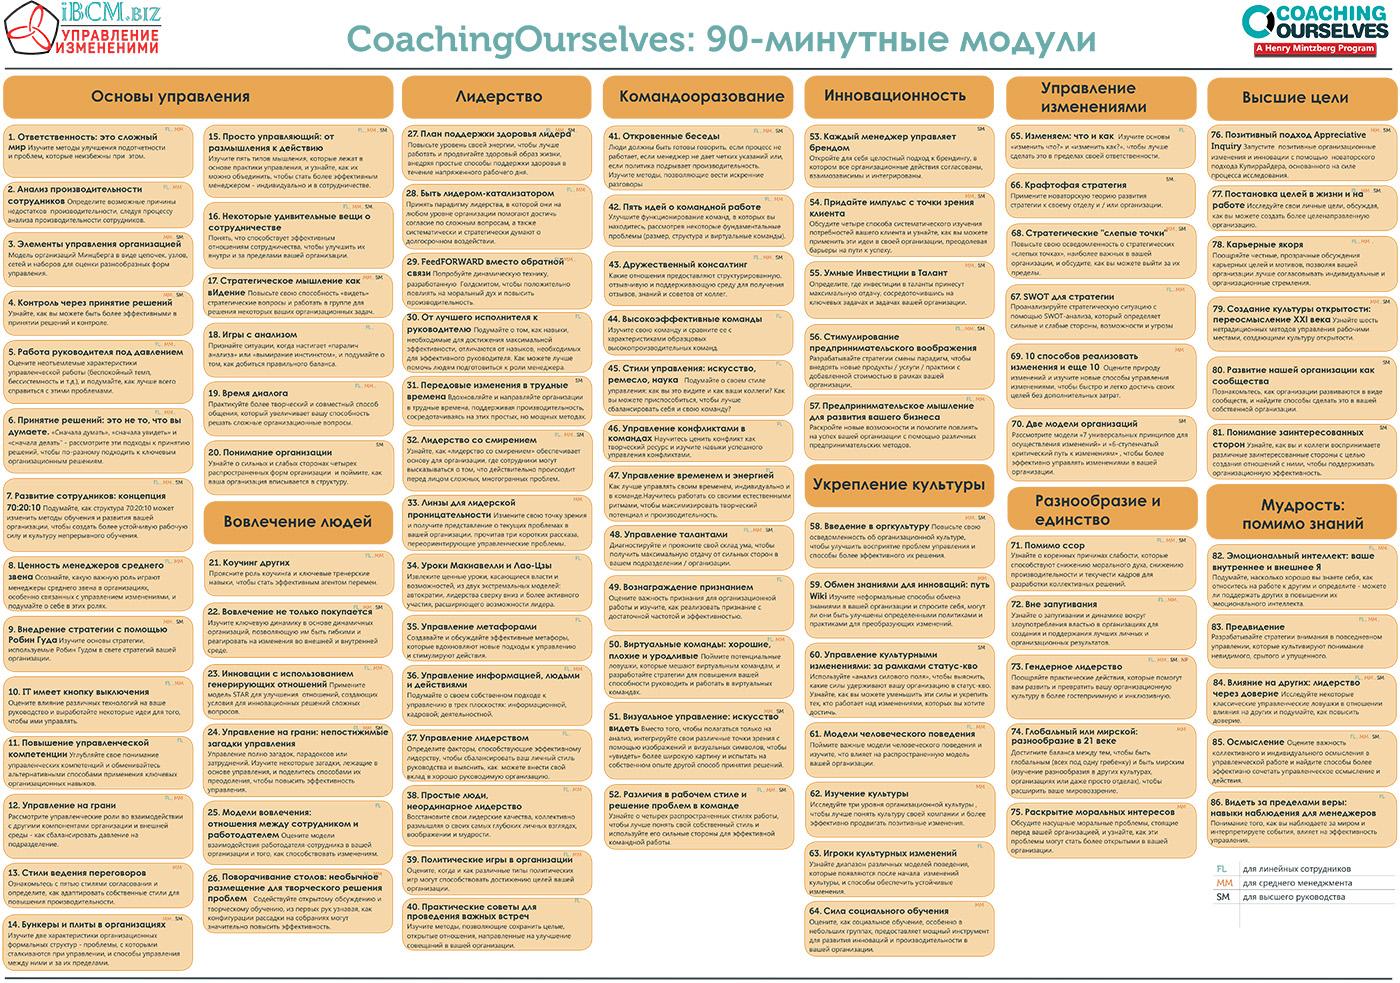 Базовый набор знаний руководителей CoachingOurselves